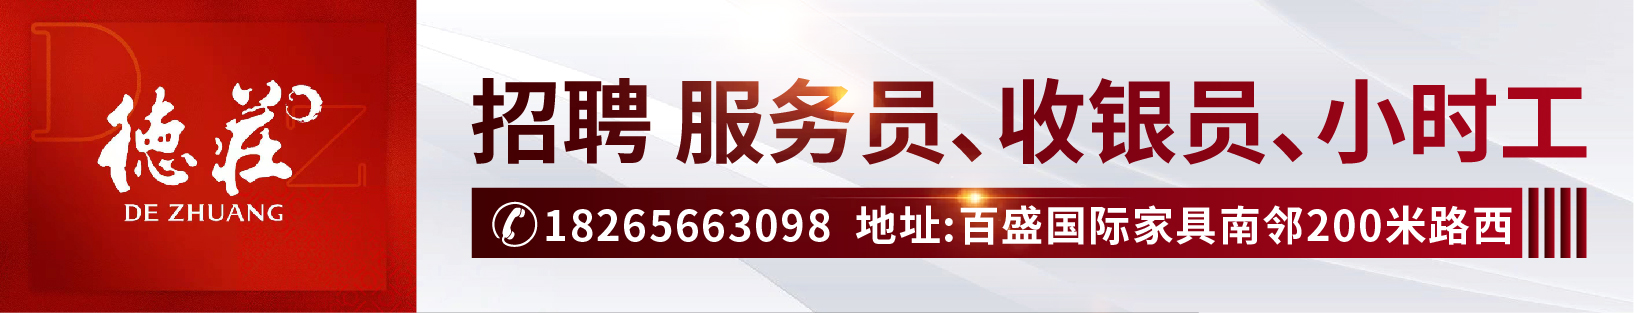 青州市德莊火鍋店